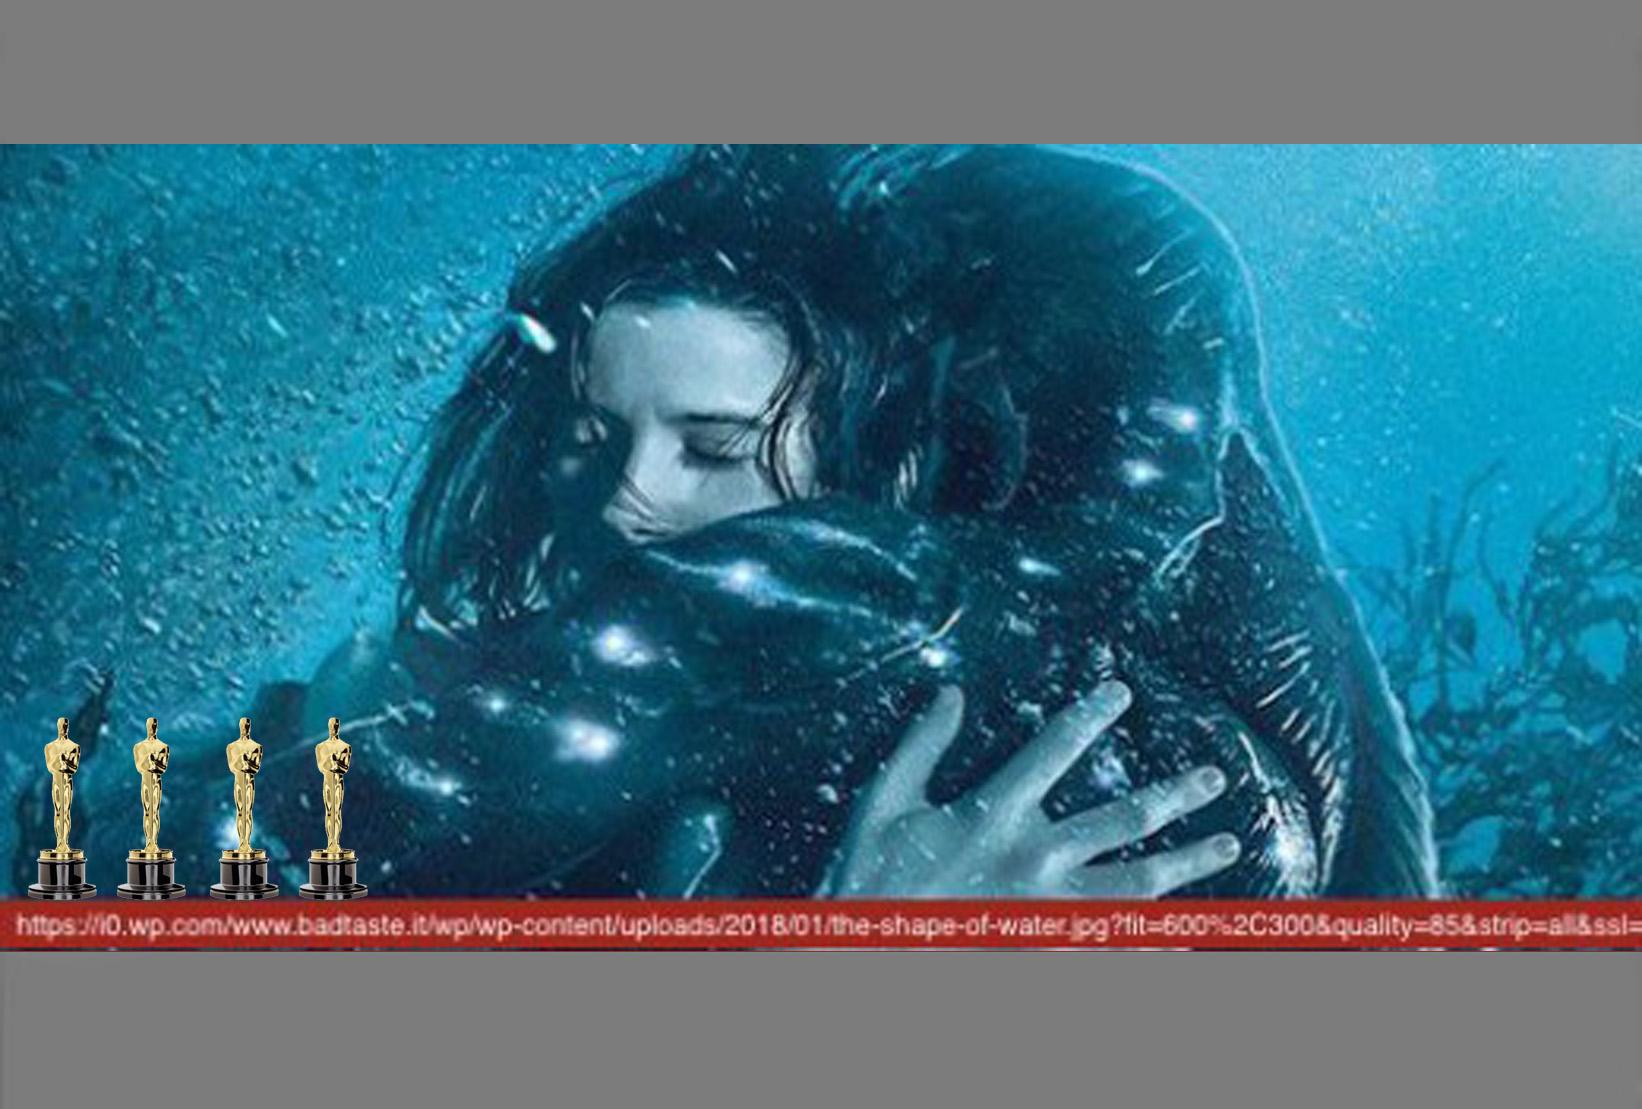 LA FORMA DELL'ACQUA (THE SHAPE OF WATER) di Guillermo del Toro, 2018